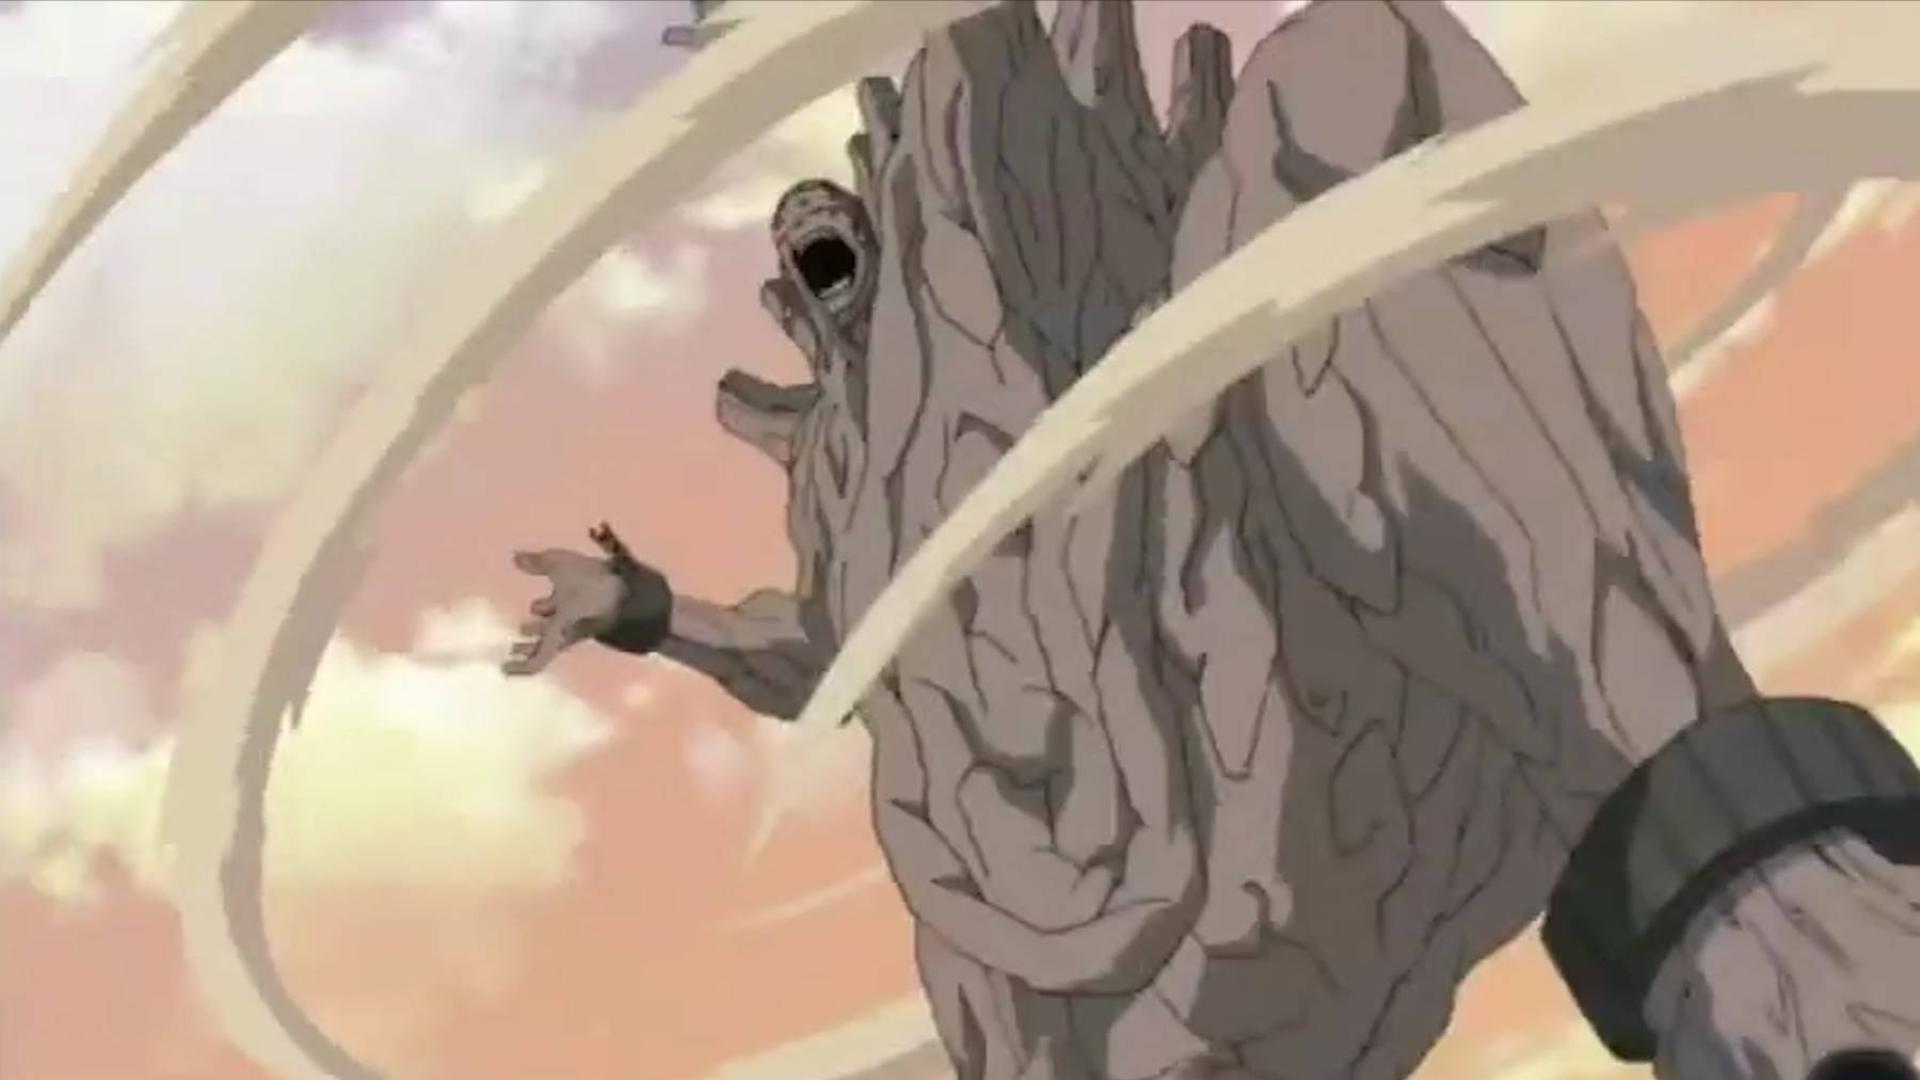 火影忍者:煞气最重的5位忍者,普通忍者连他们一招都接不下